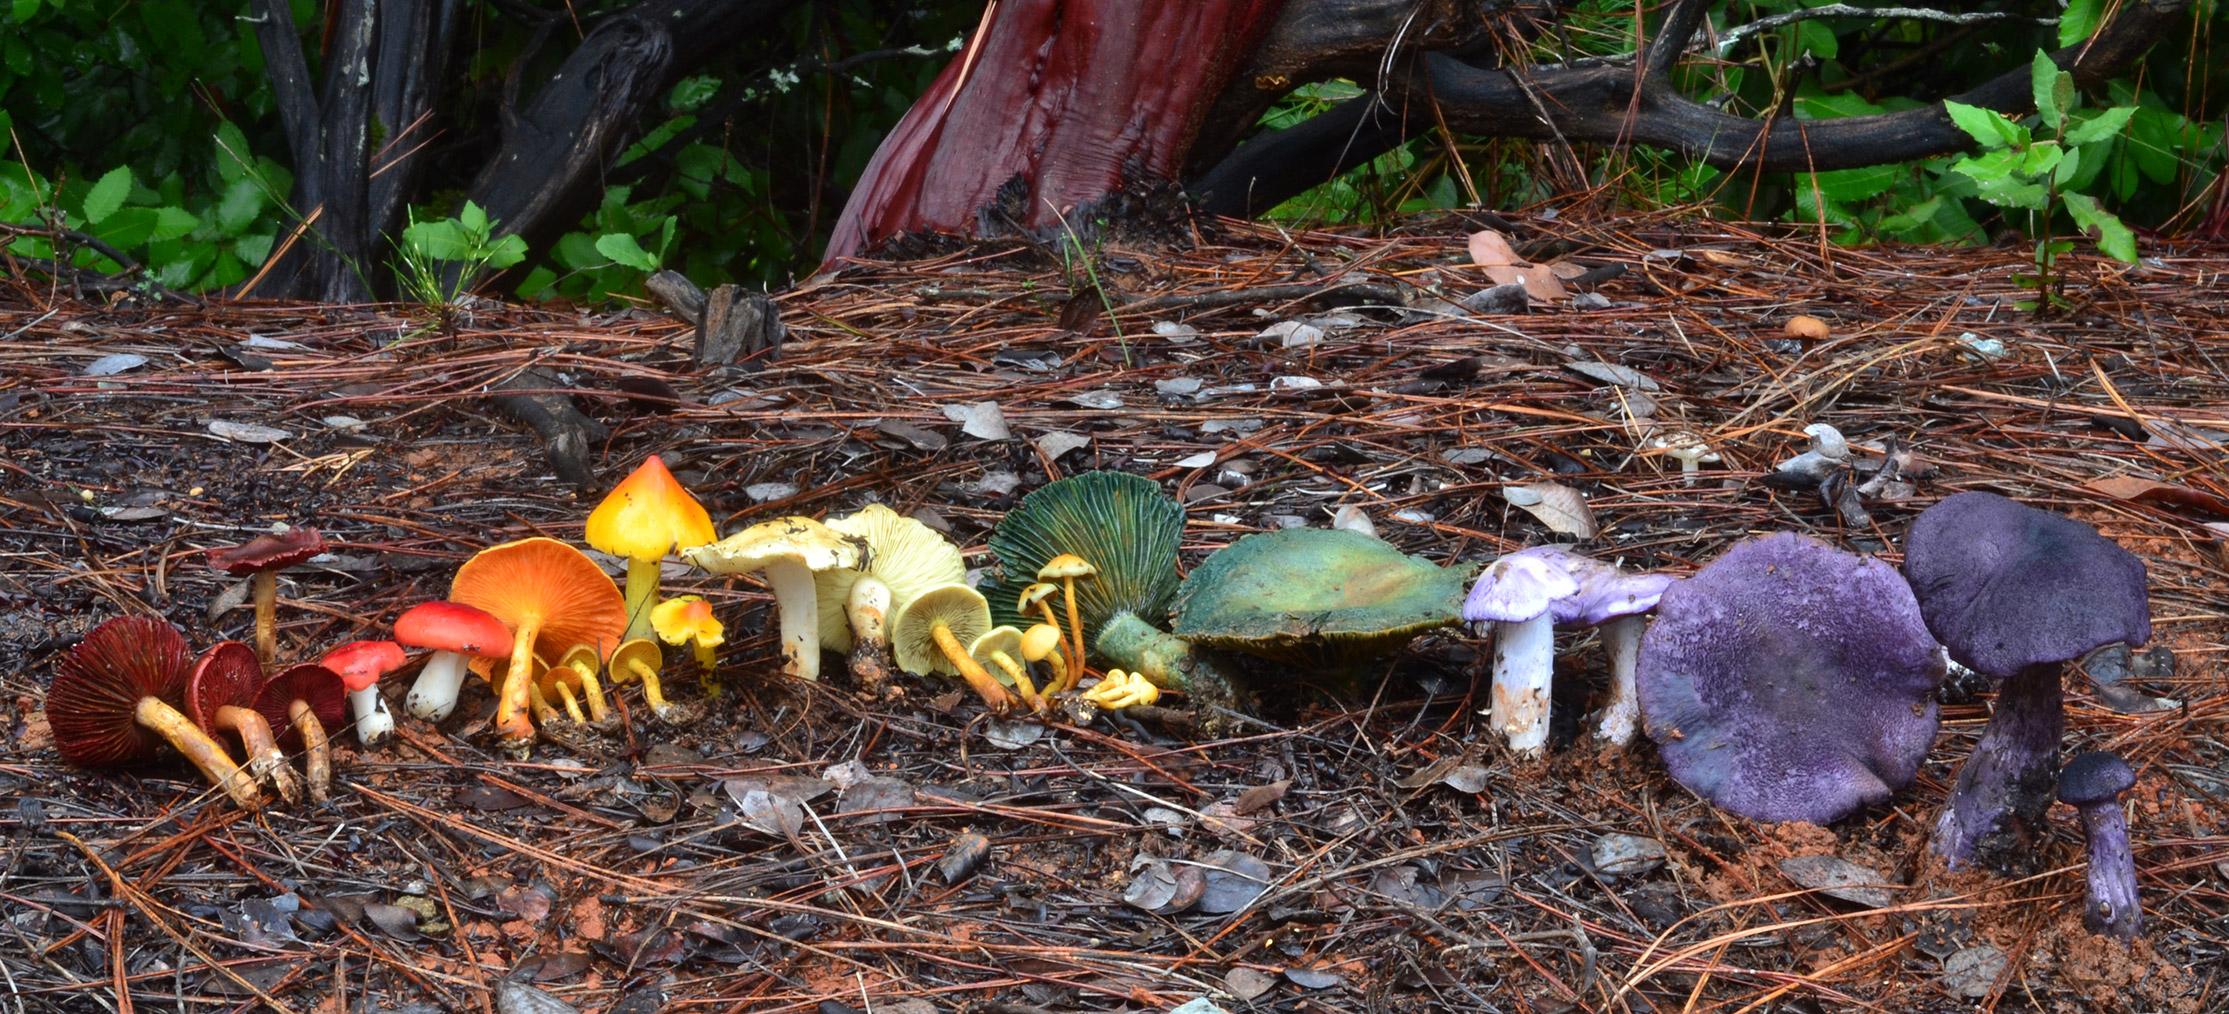 Mushroom Rainbow by Alissa Allen